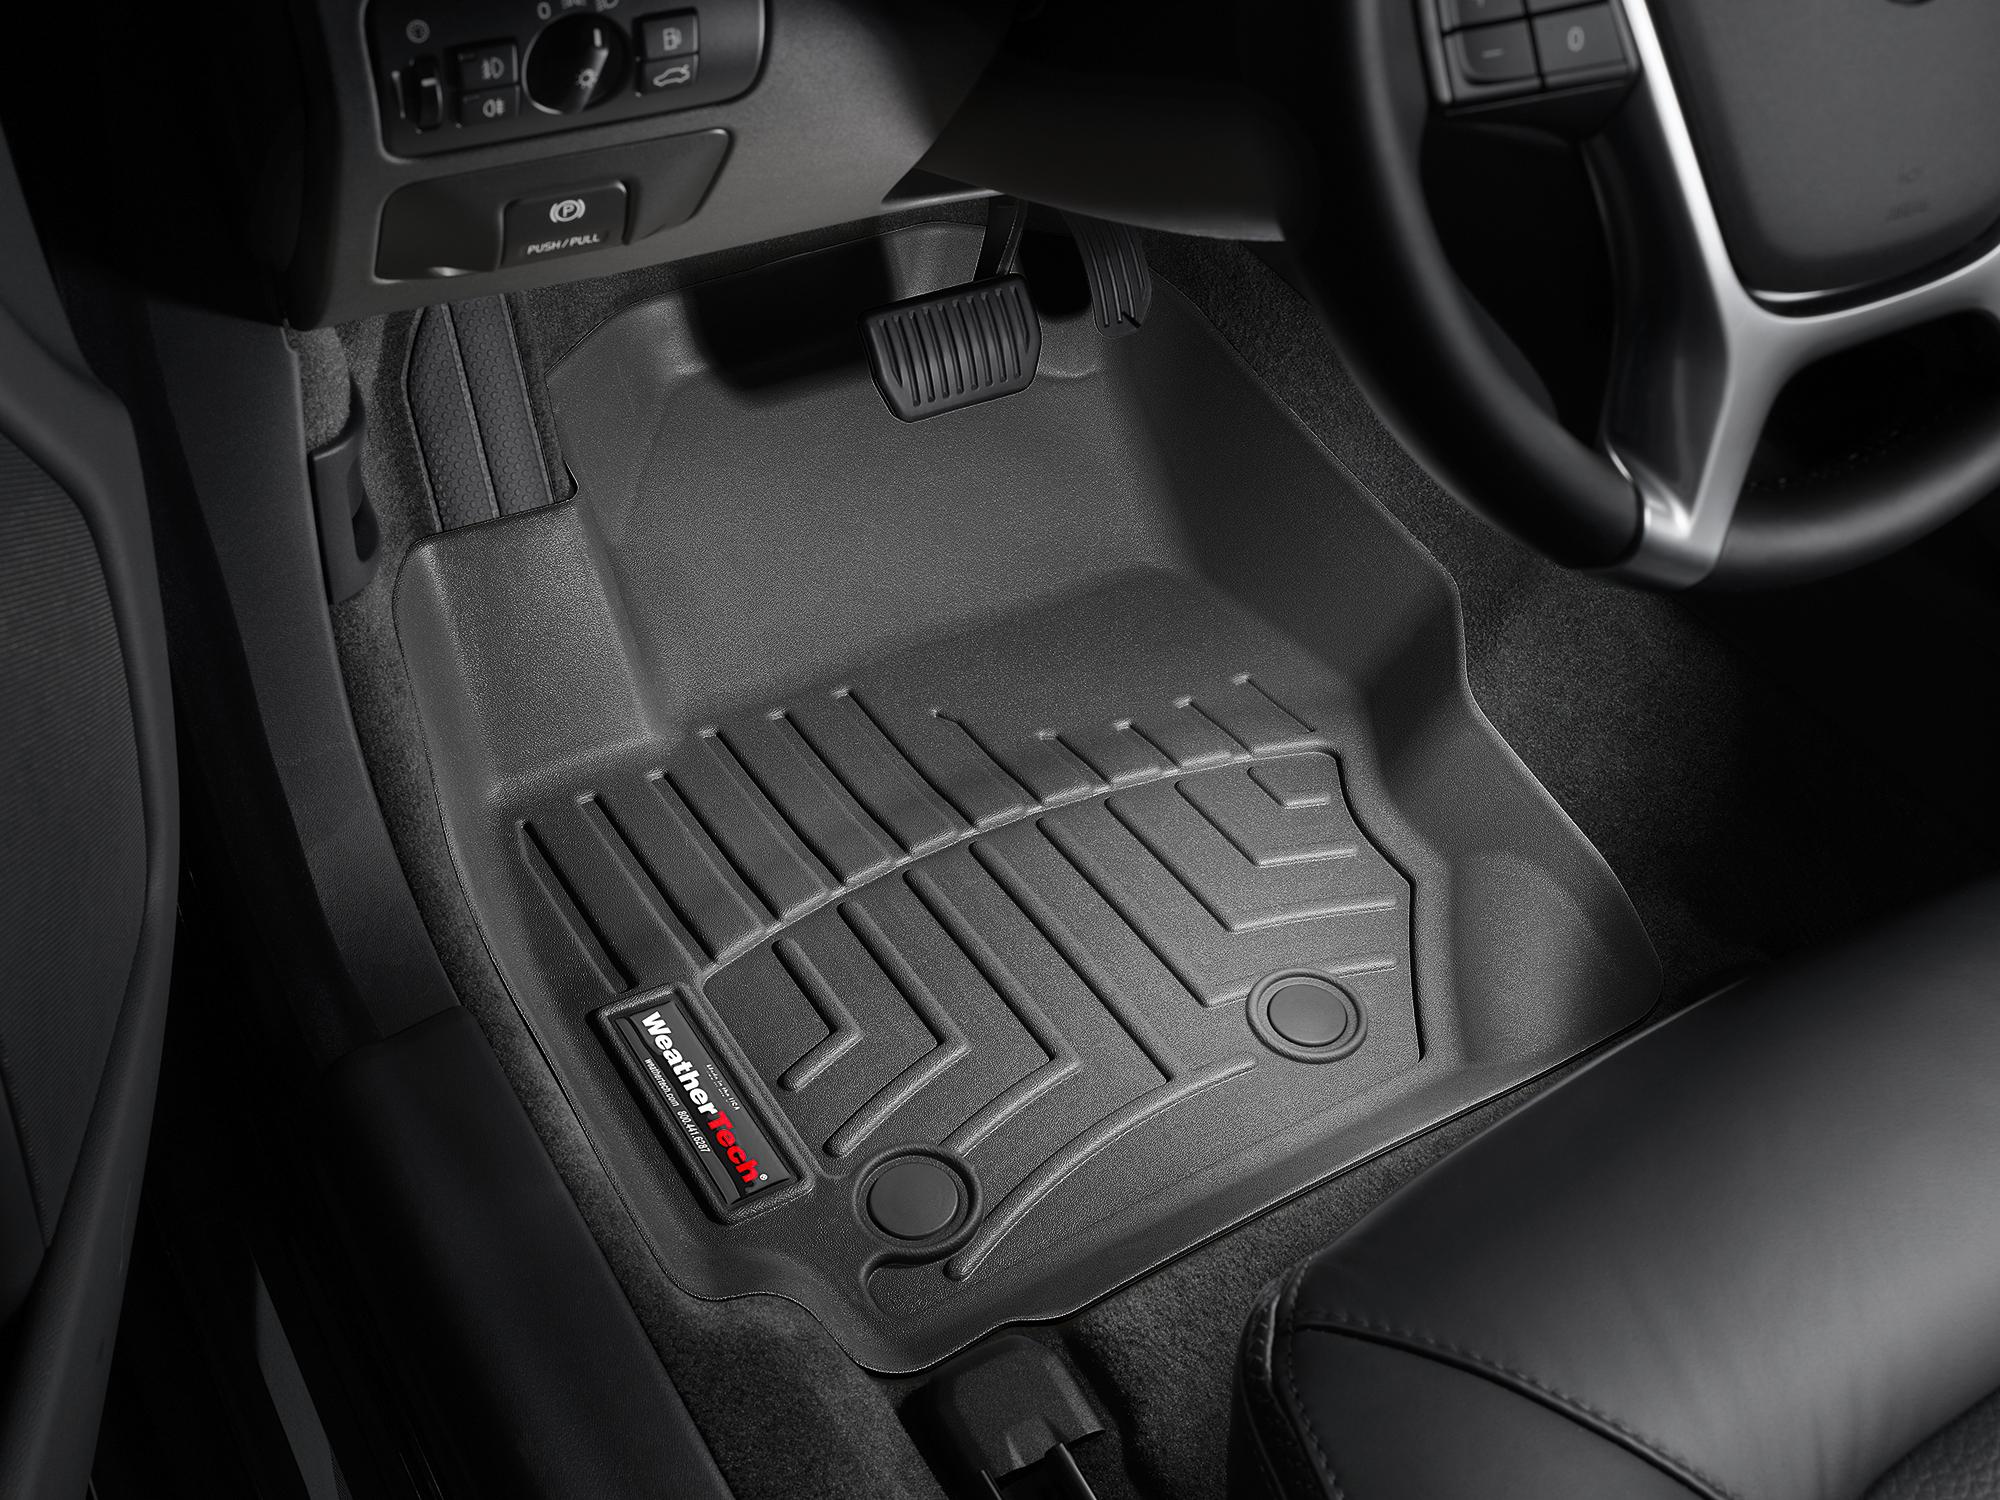 Tappeti gomma su misura bordo alto Volvo XC70 08>17 Nero A4435*